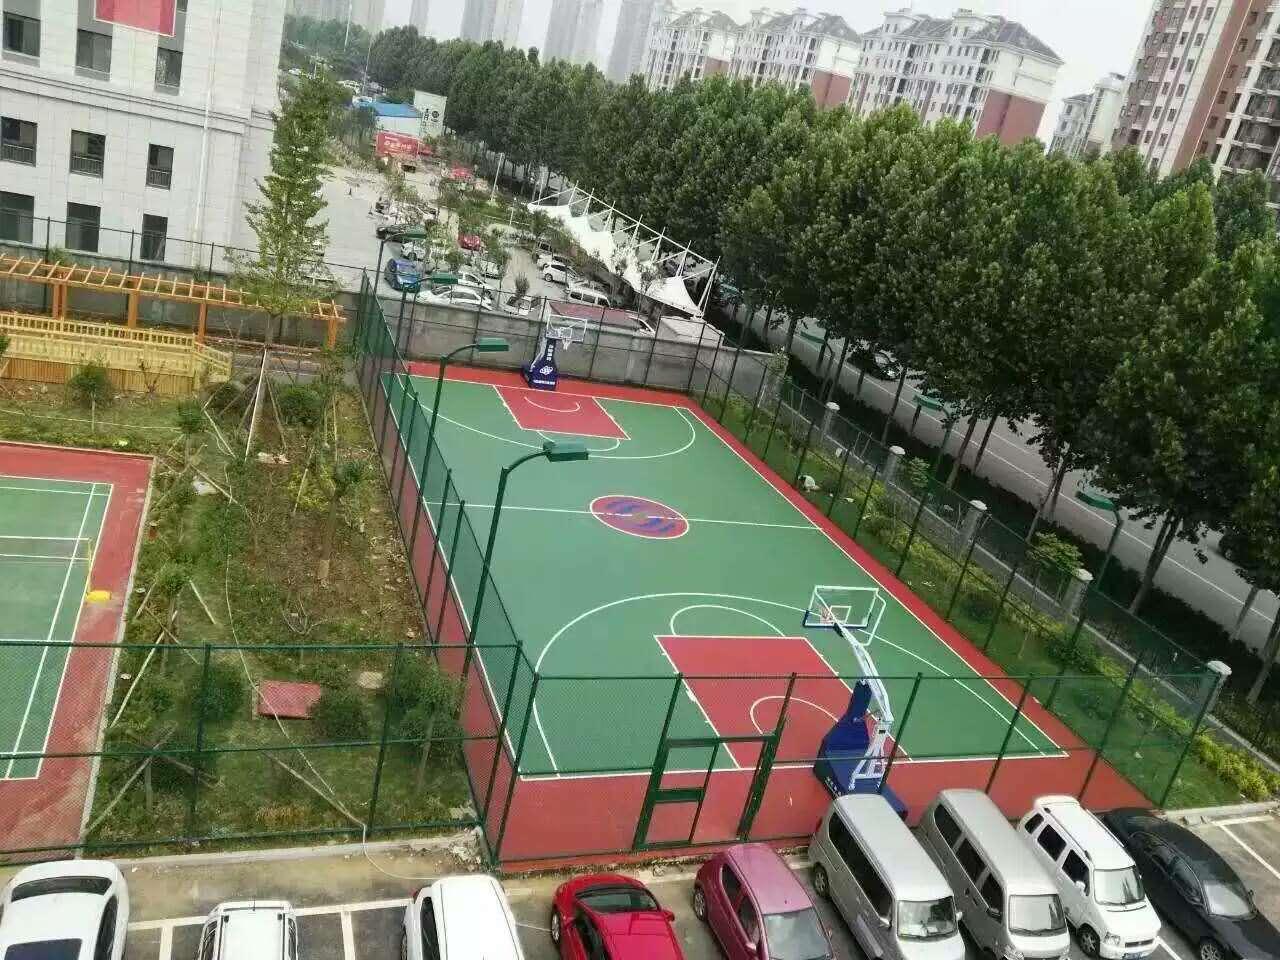 塑胶球场施工就来鸿源体育环保无毒无味